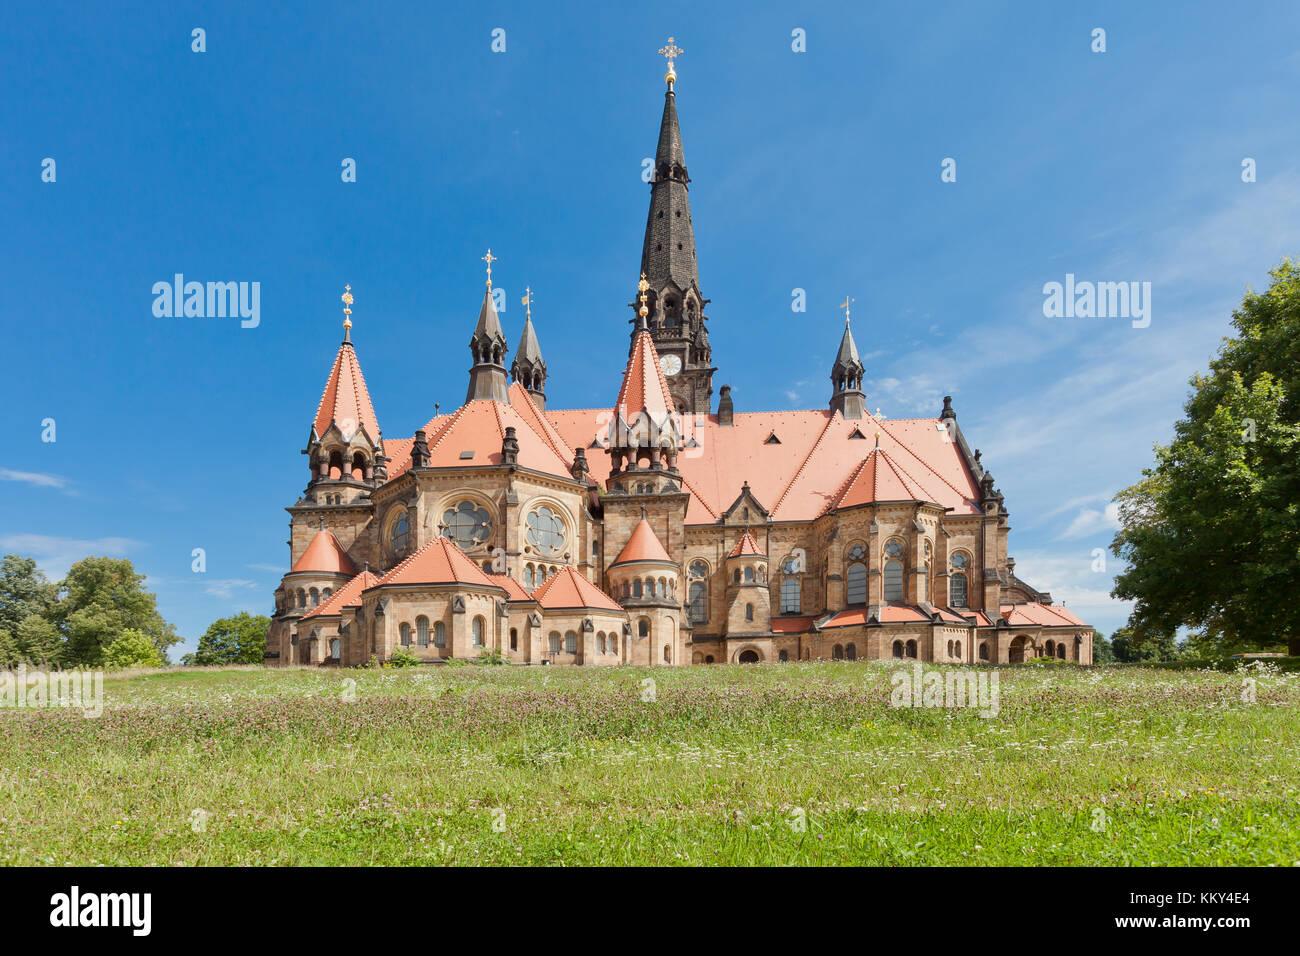 Dresden - Deutschland - Garnisonskirche, Europa Stockfoto